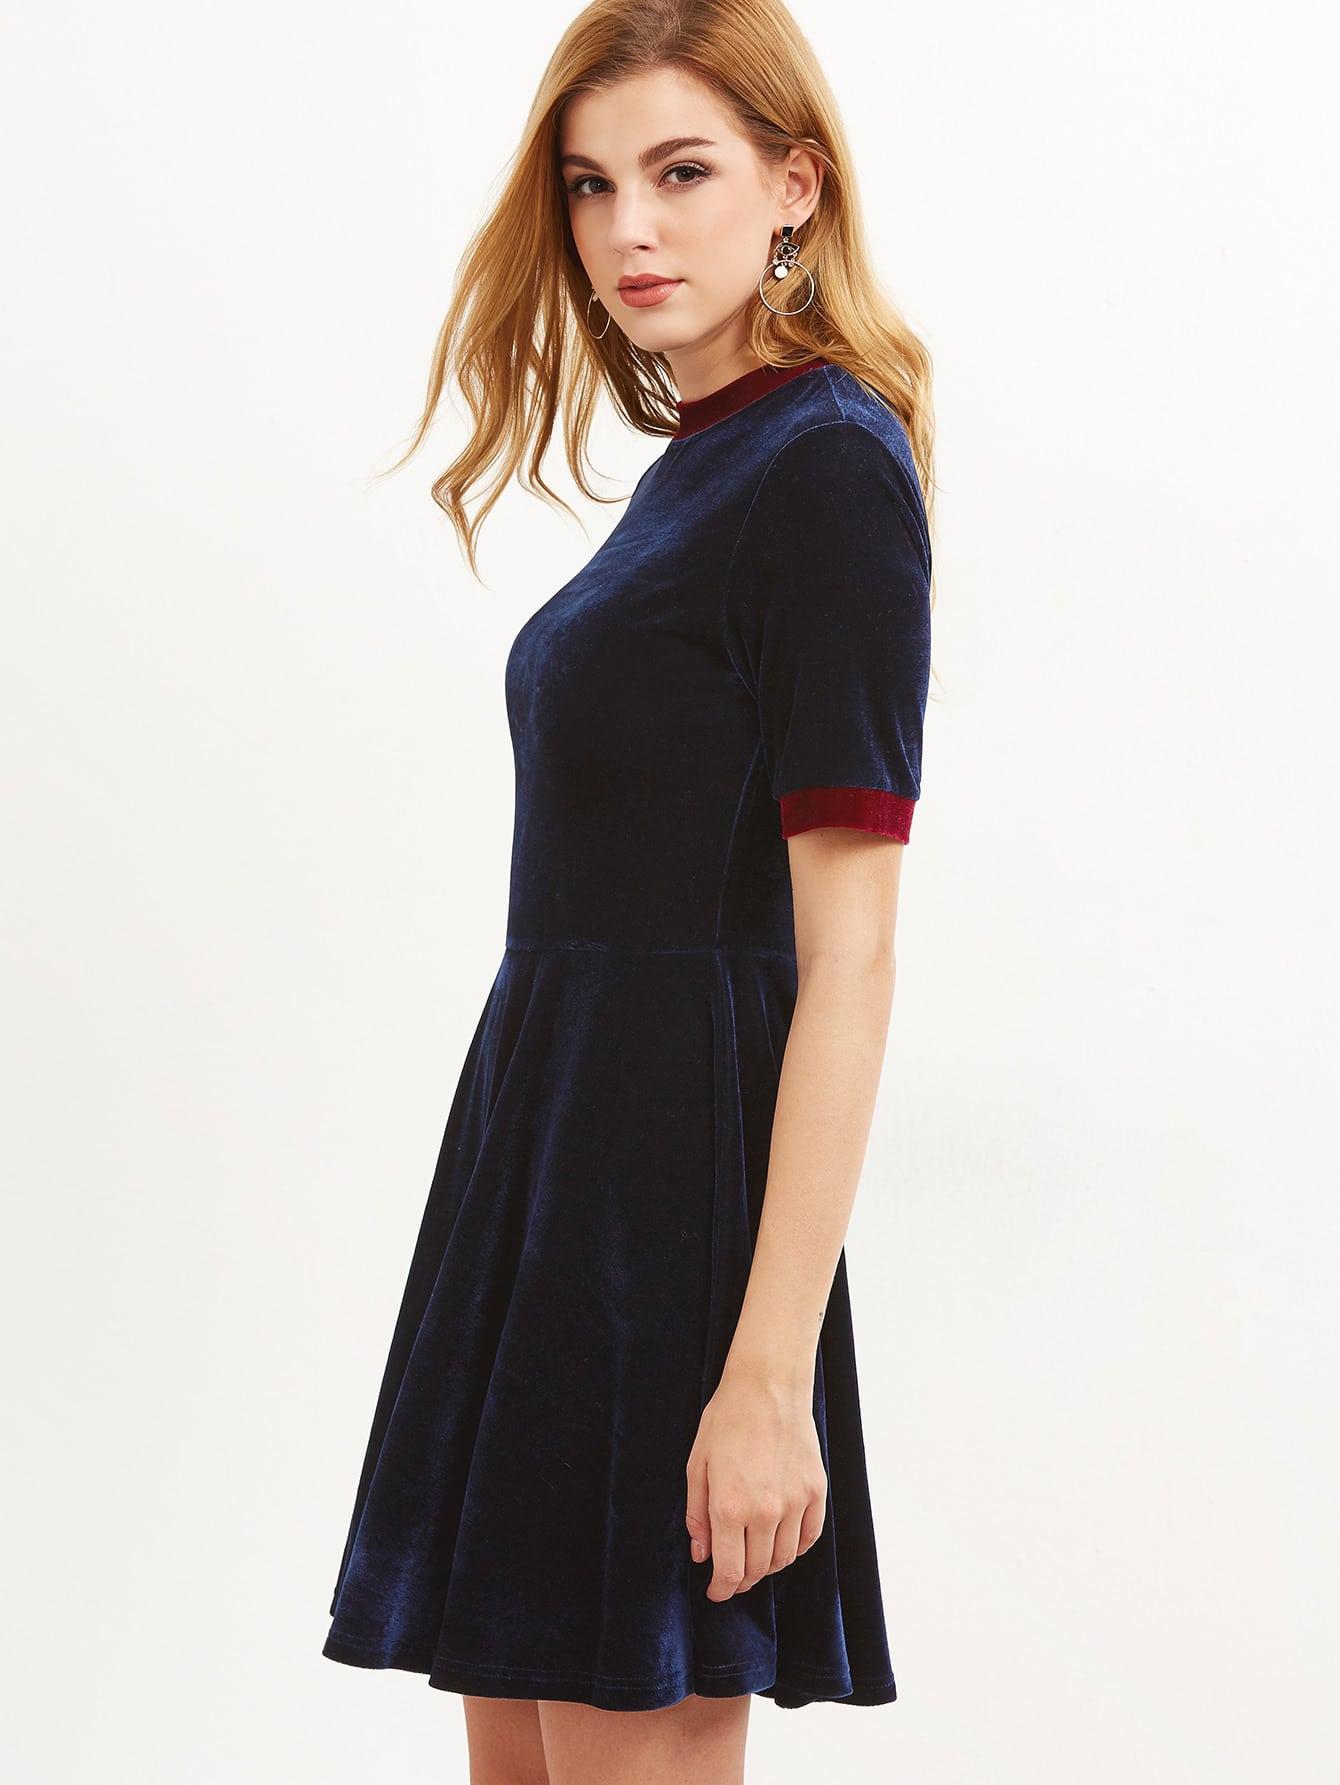 dress161109711_2